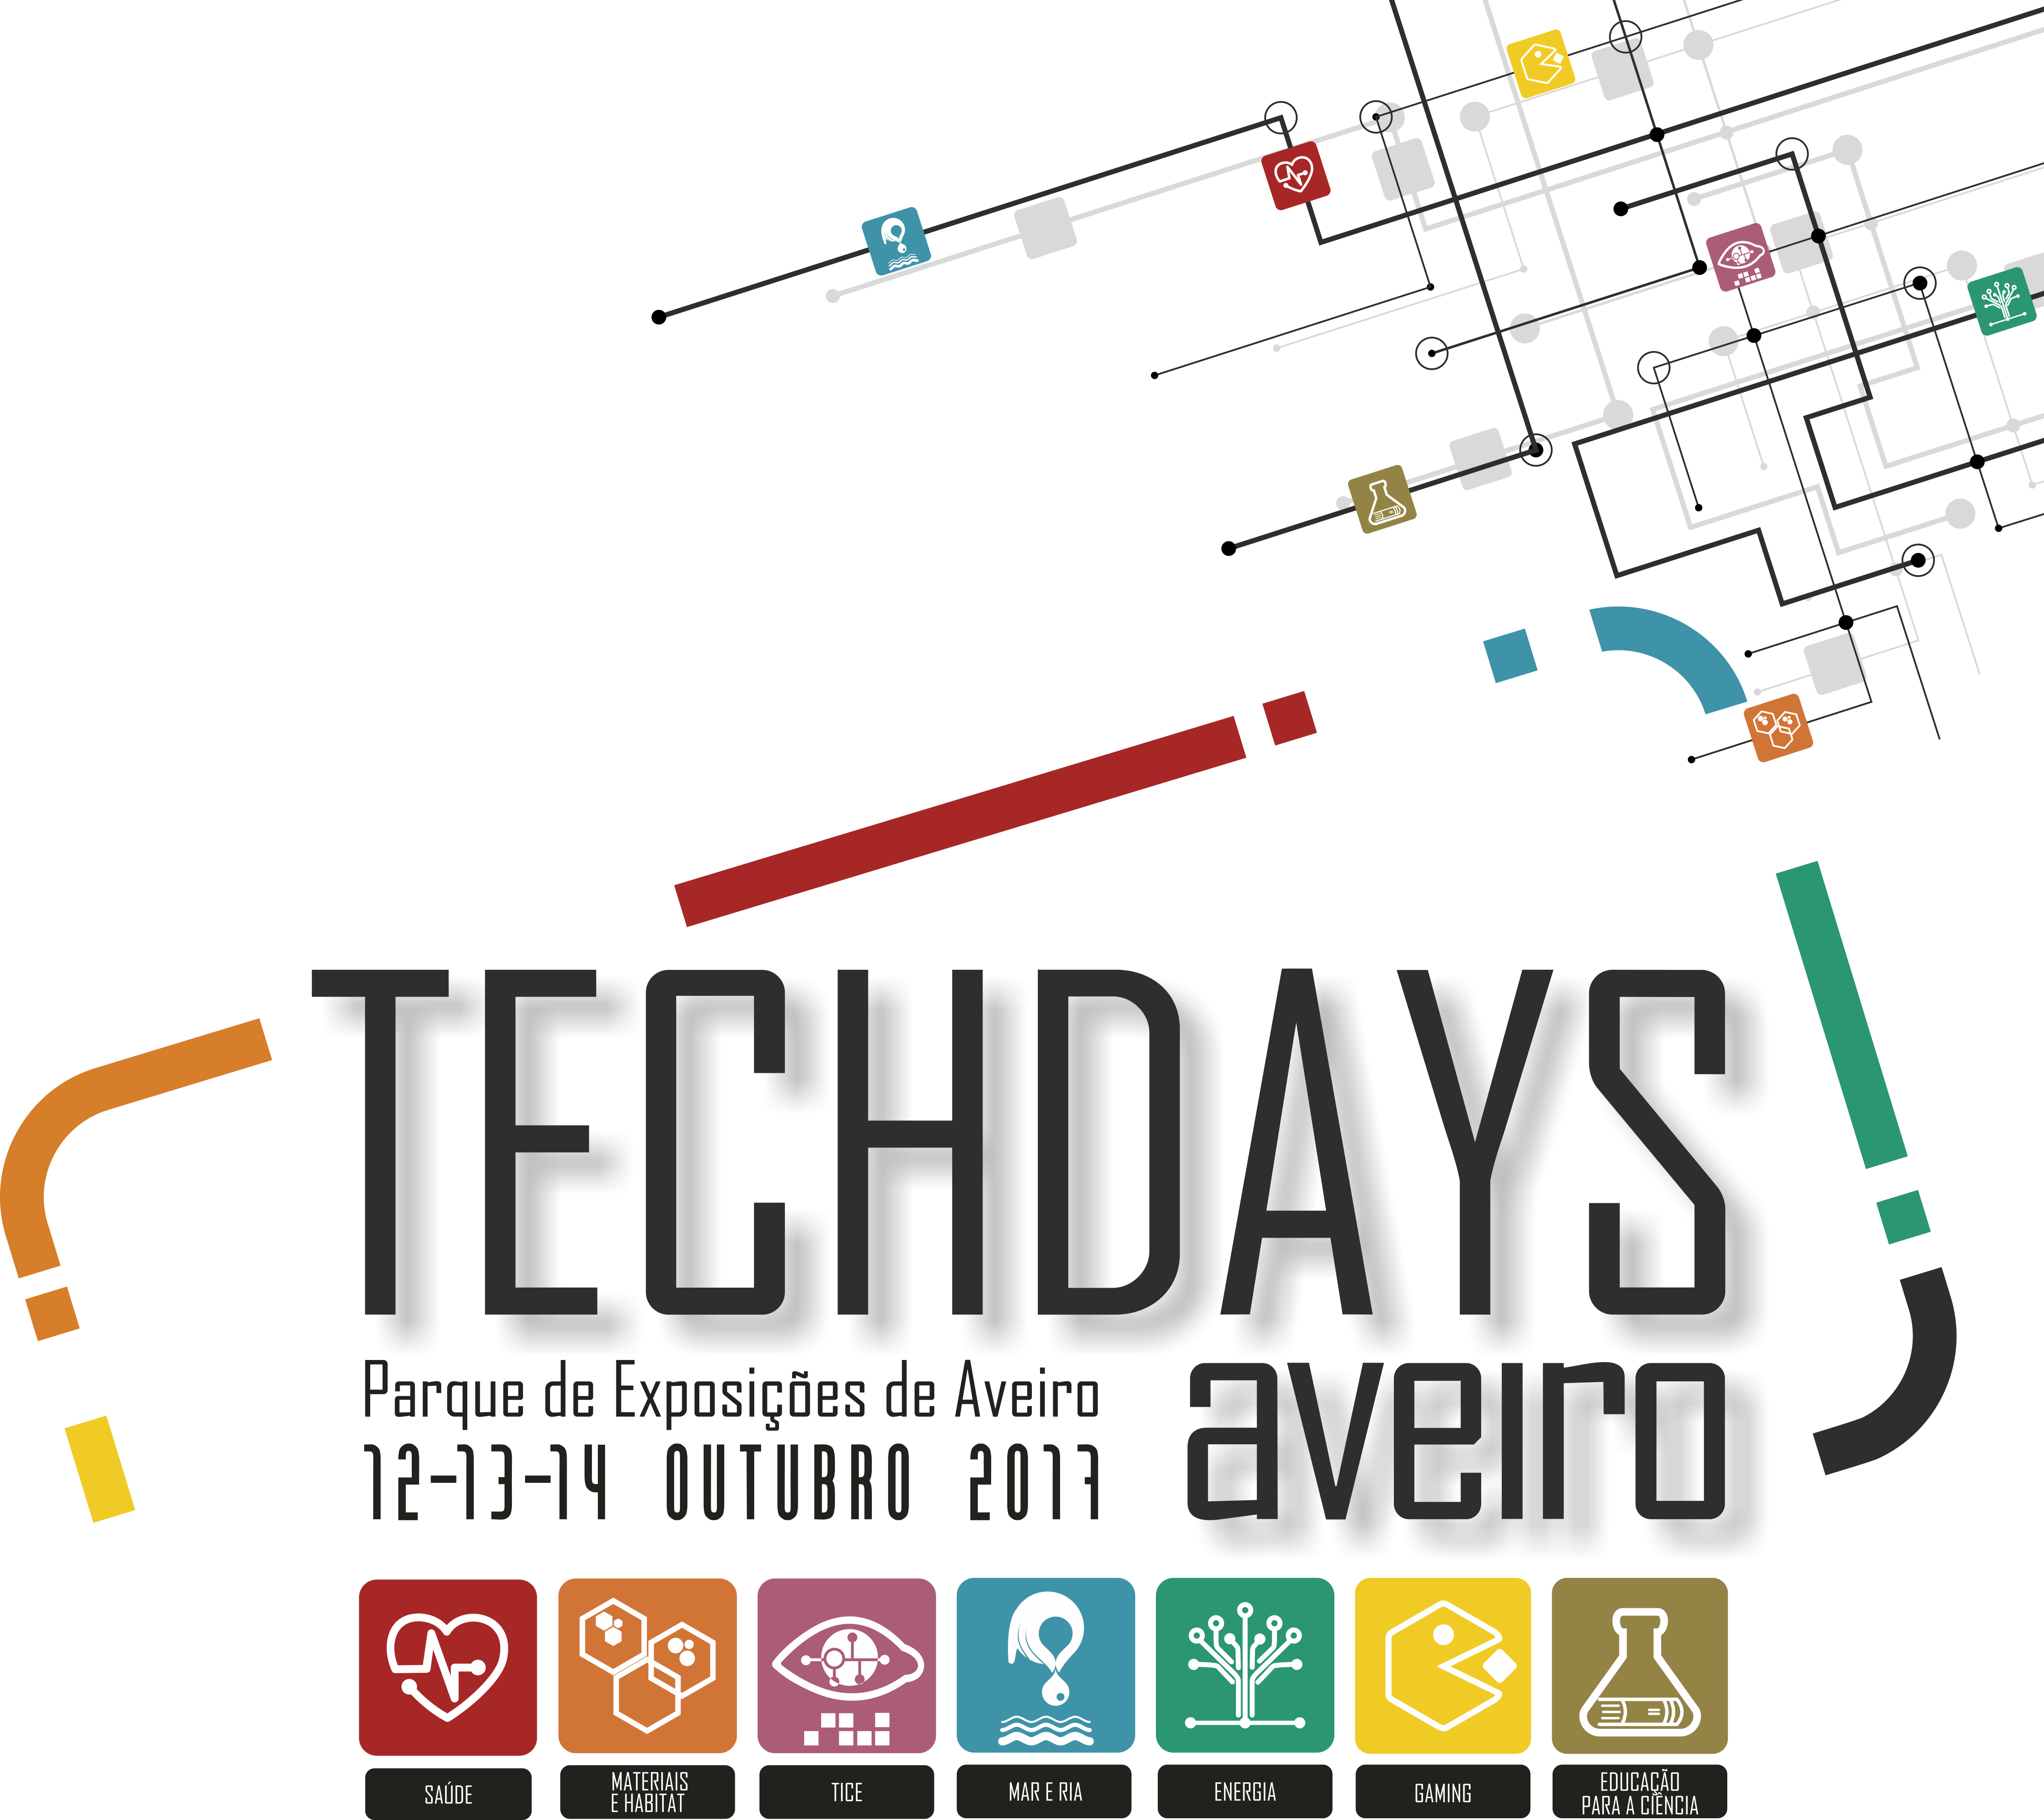 TECHDAYS 17: Instituto das Telecomunicações vai apresentar 28 projectos de investigação